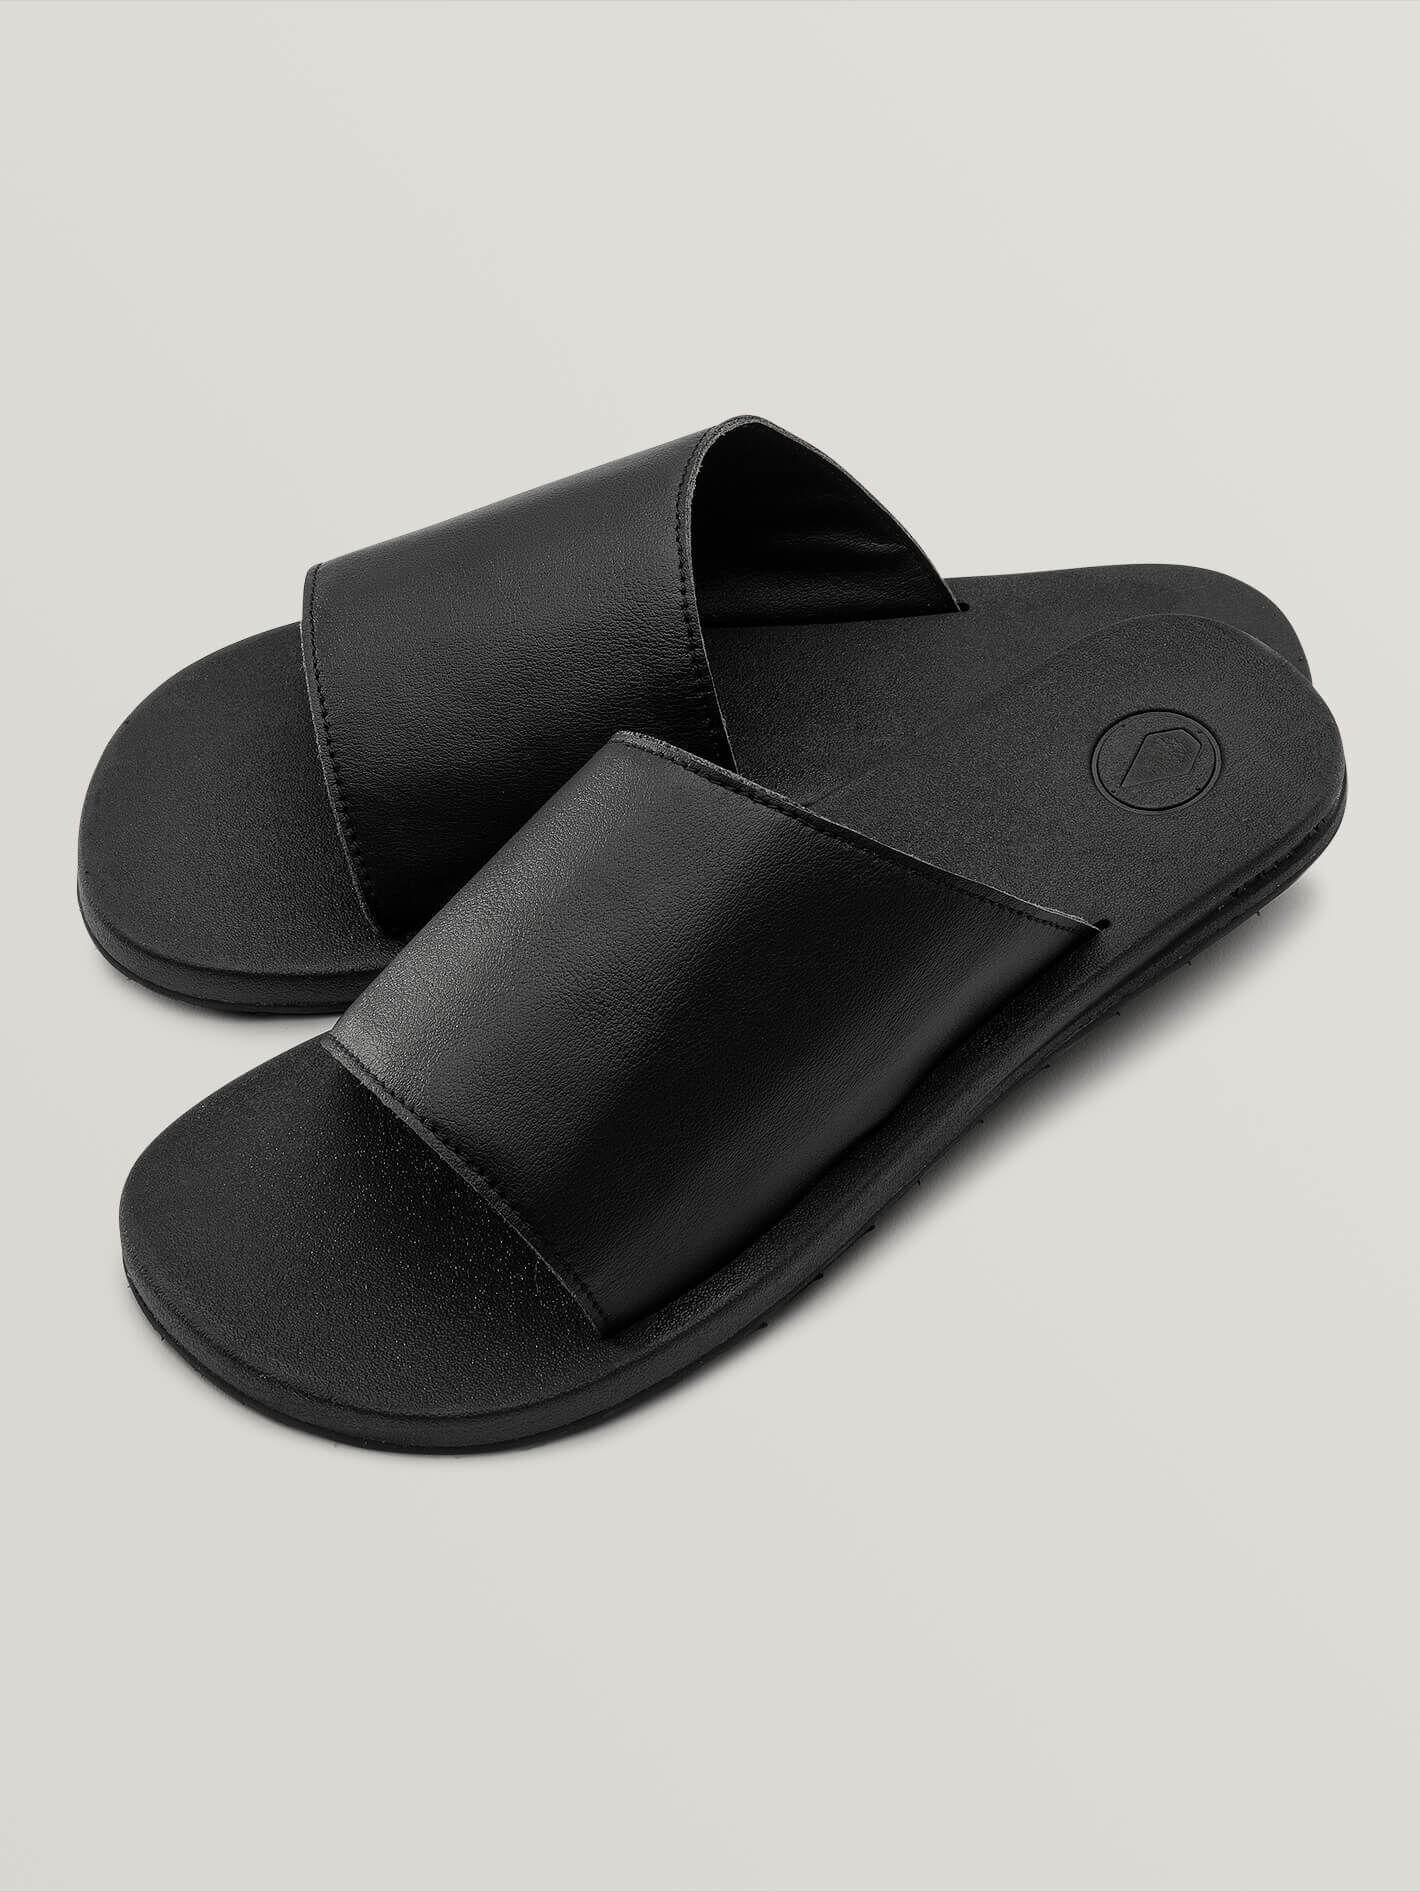 volcom Sandales Volcom E-cliner Slide Black Out Femme